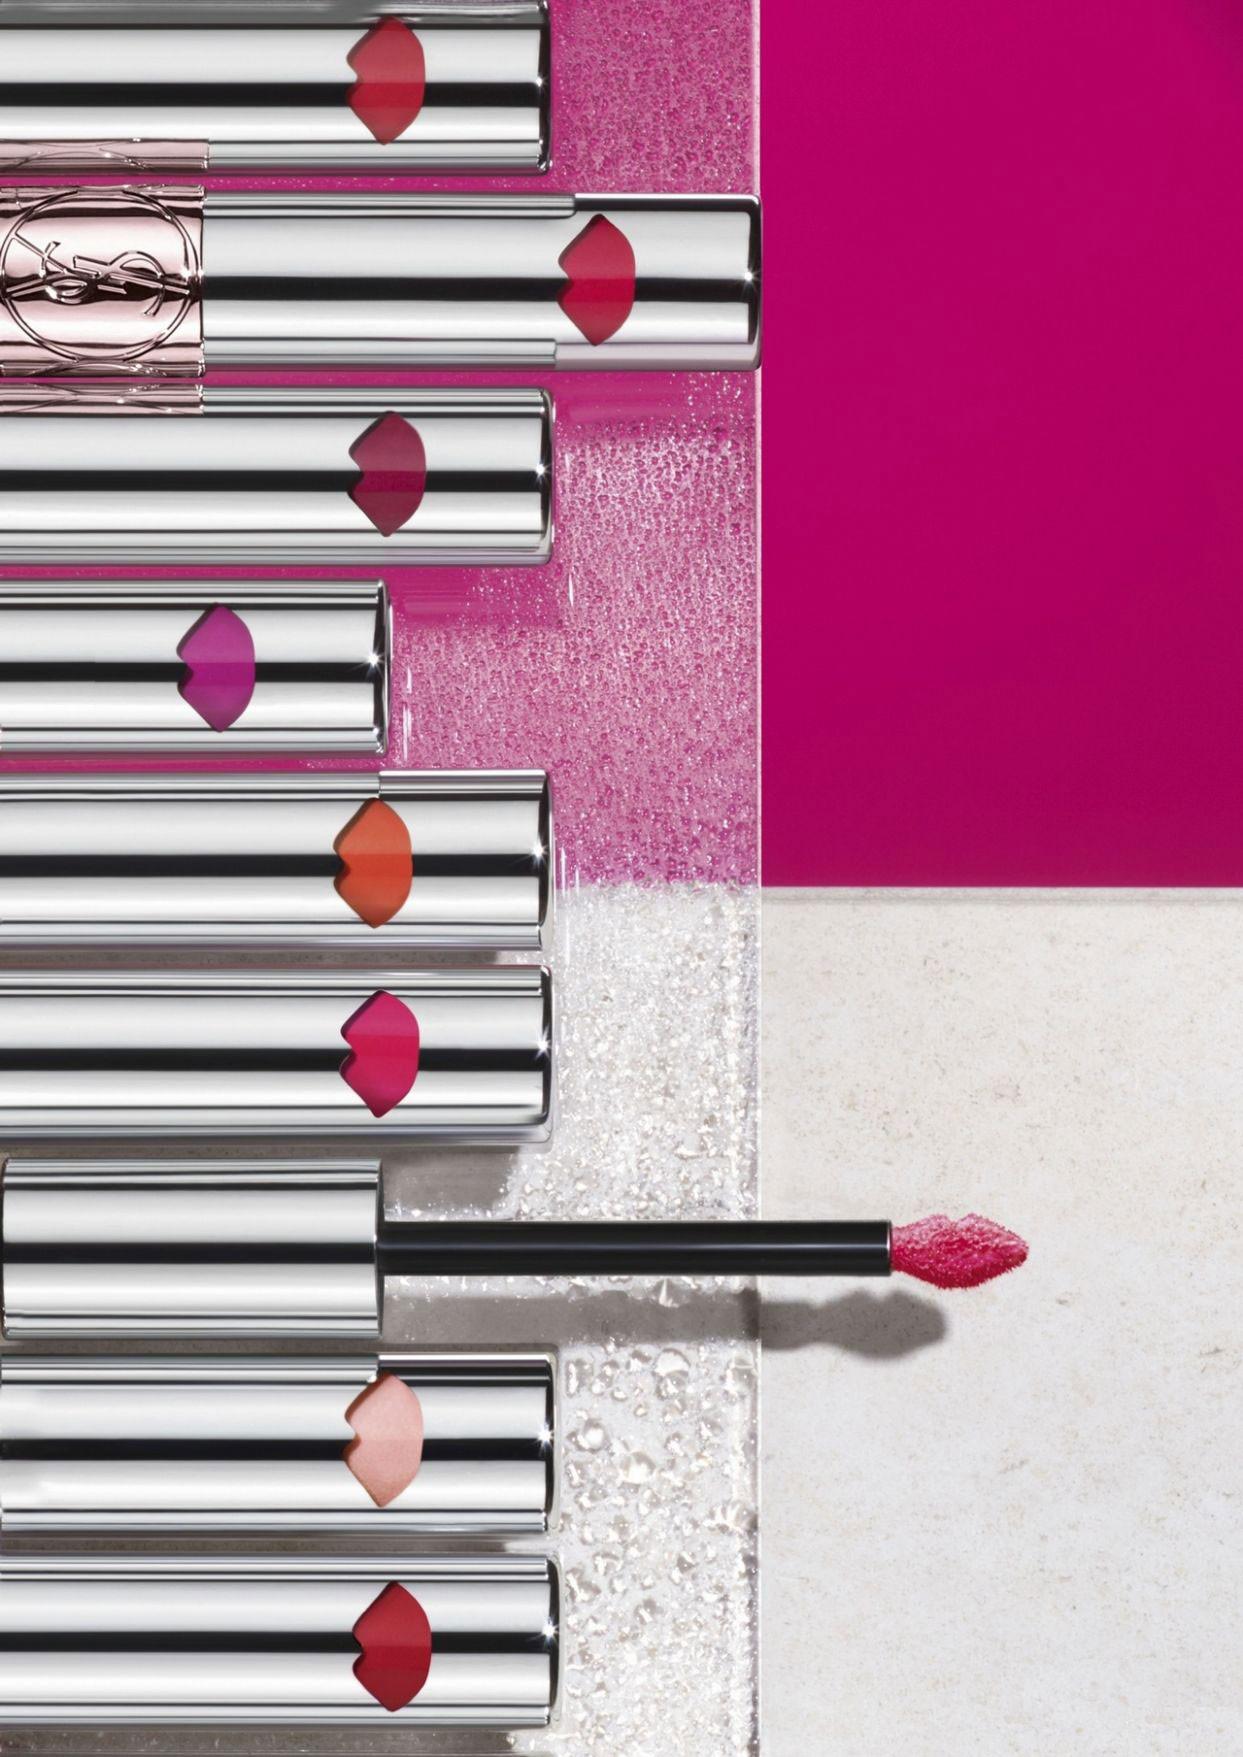 Yves Saint Laurent Volupte Liquid Color Balm  Makeup -6161